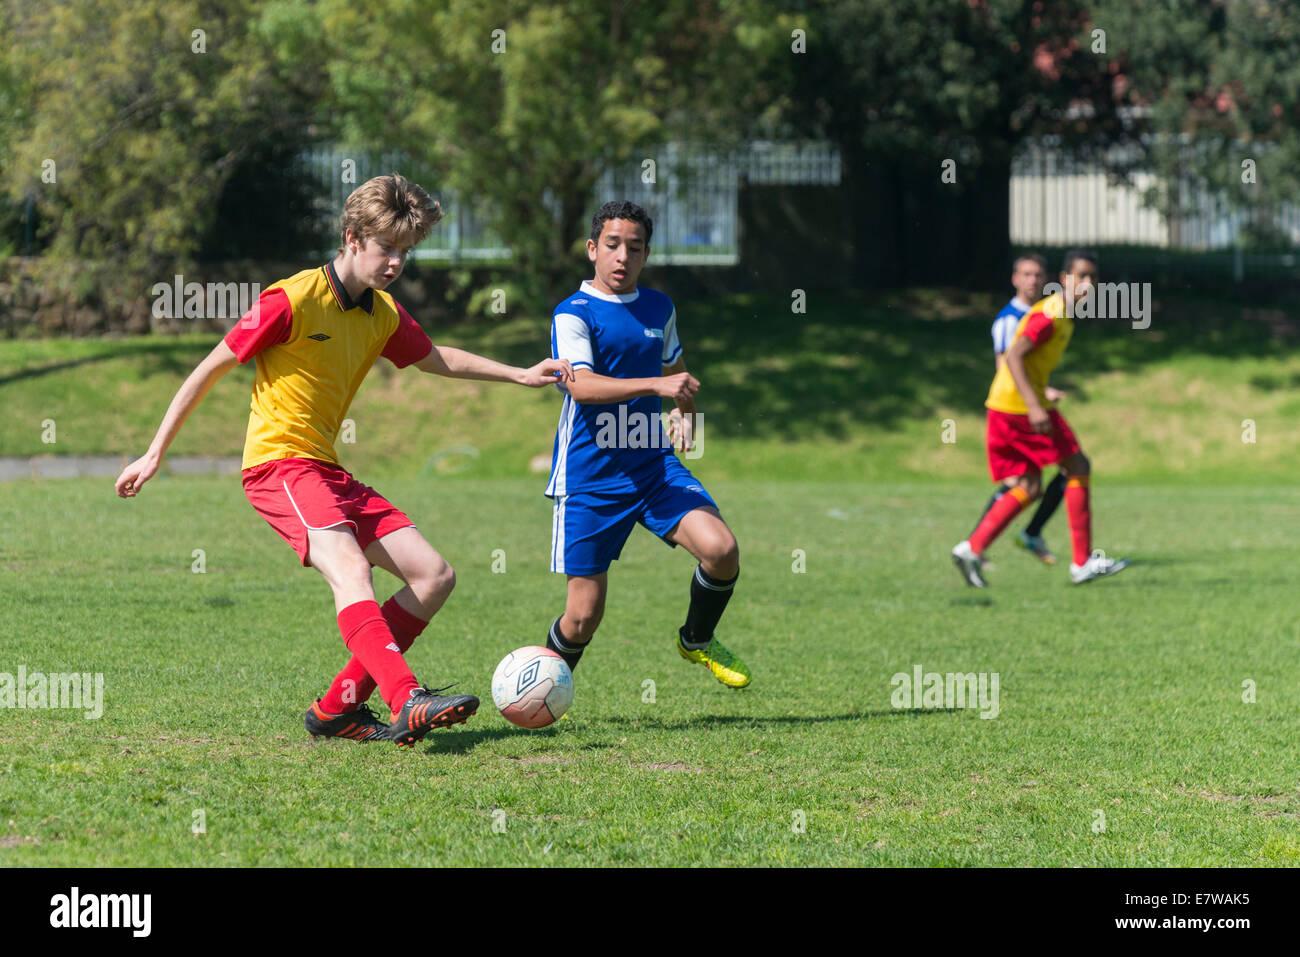 Junge Fußballer dribbeln den Ball, Cape Town, Südafrika Stockbild